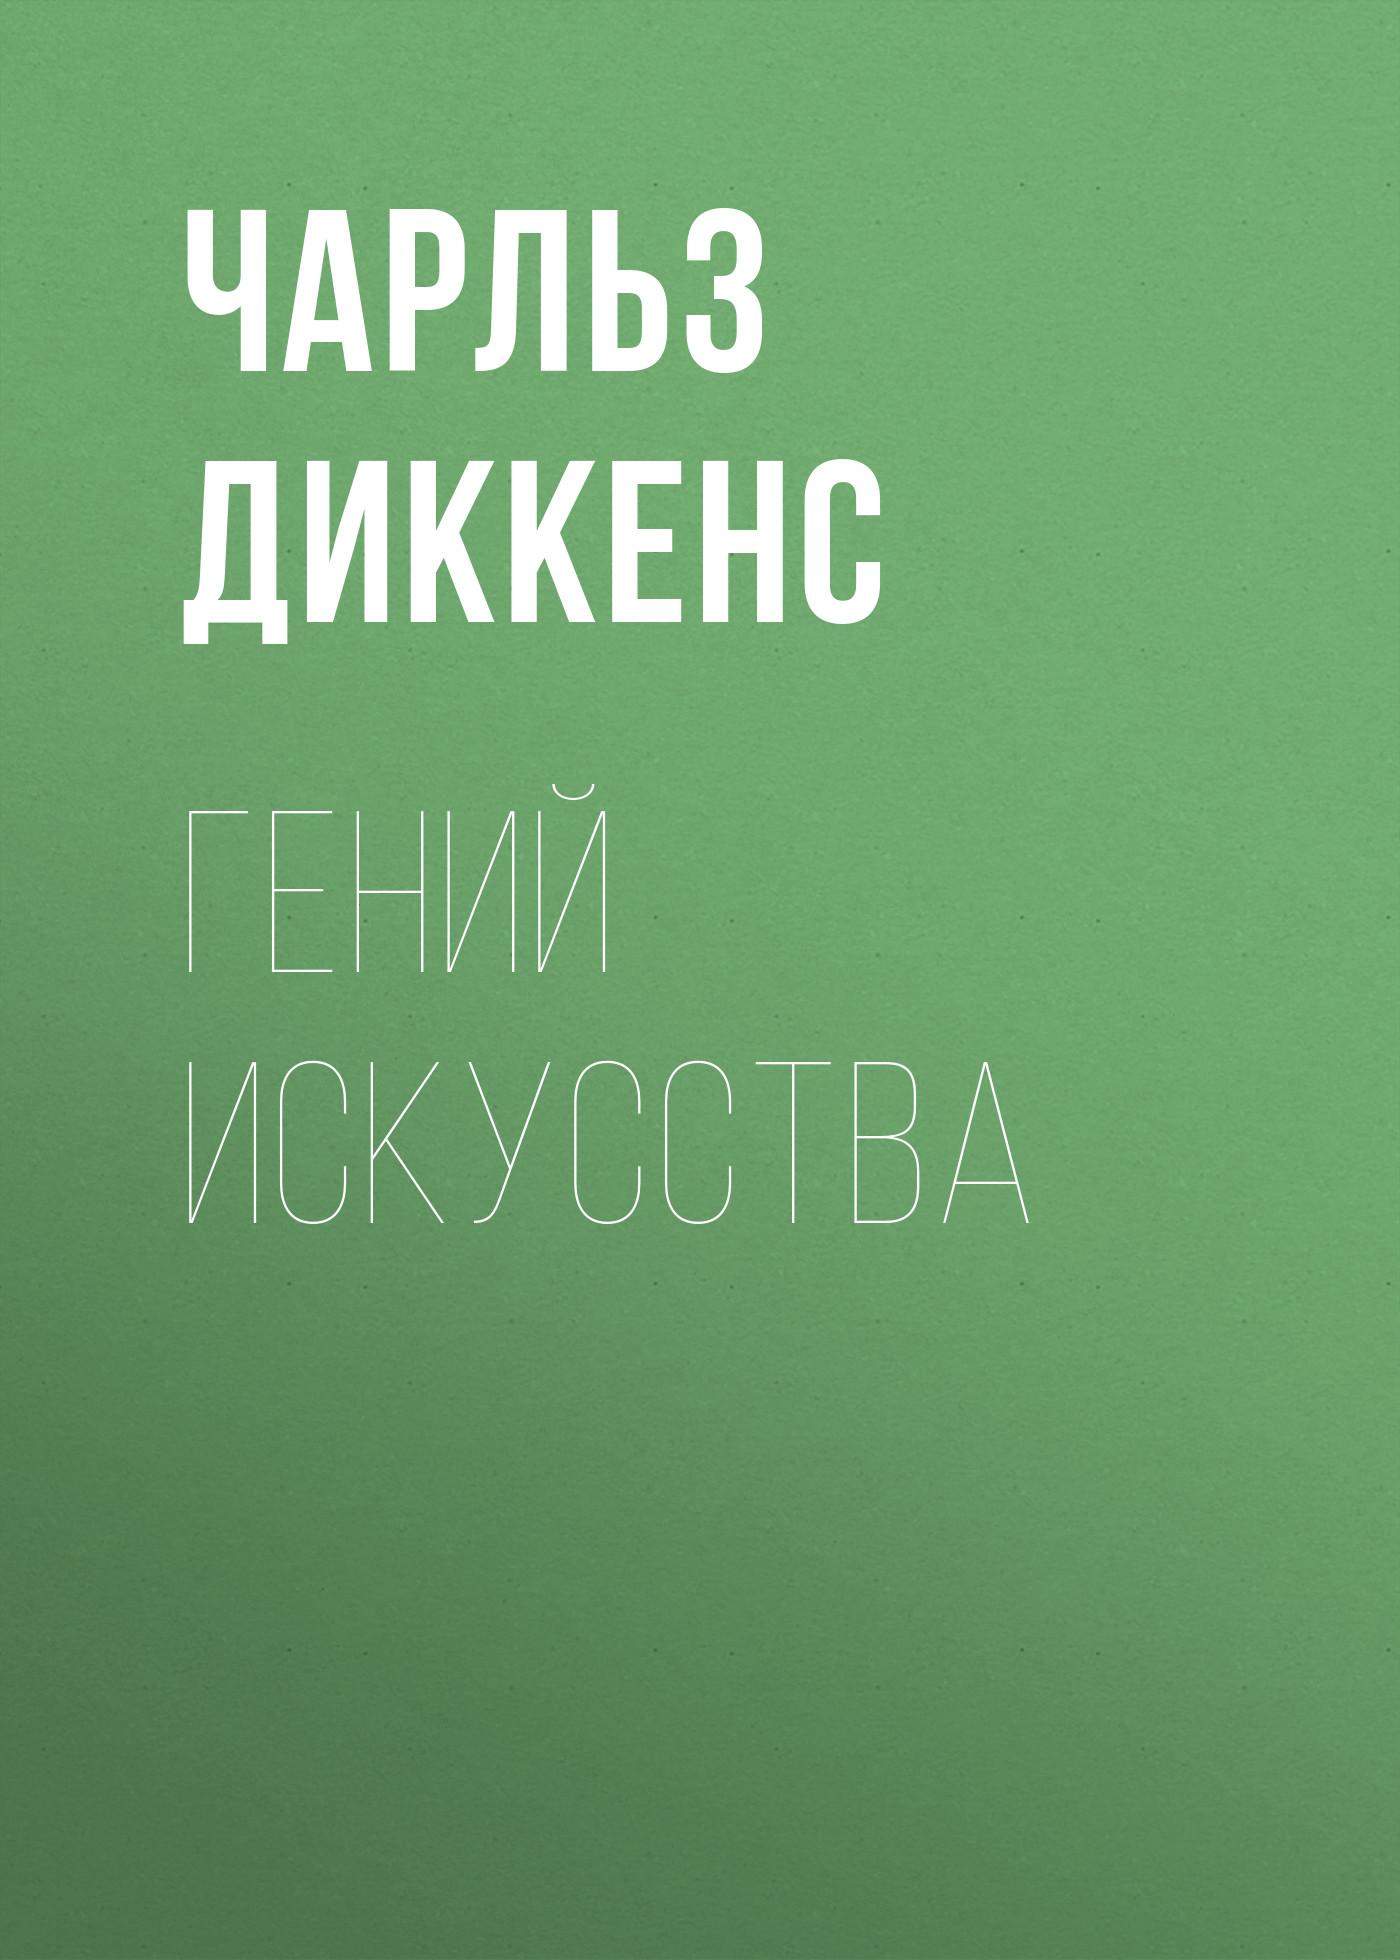 Купить книгу Гений искусства, автора Чарльза Диккенса